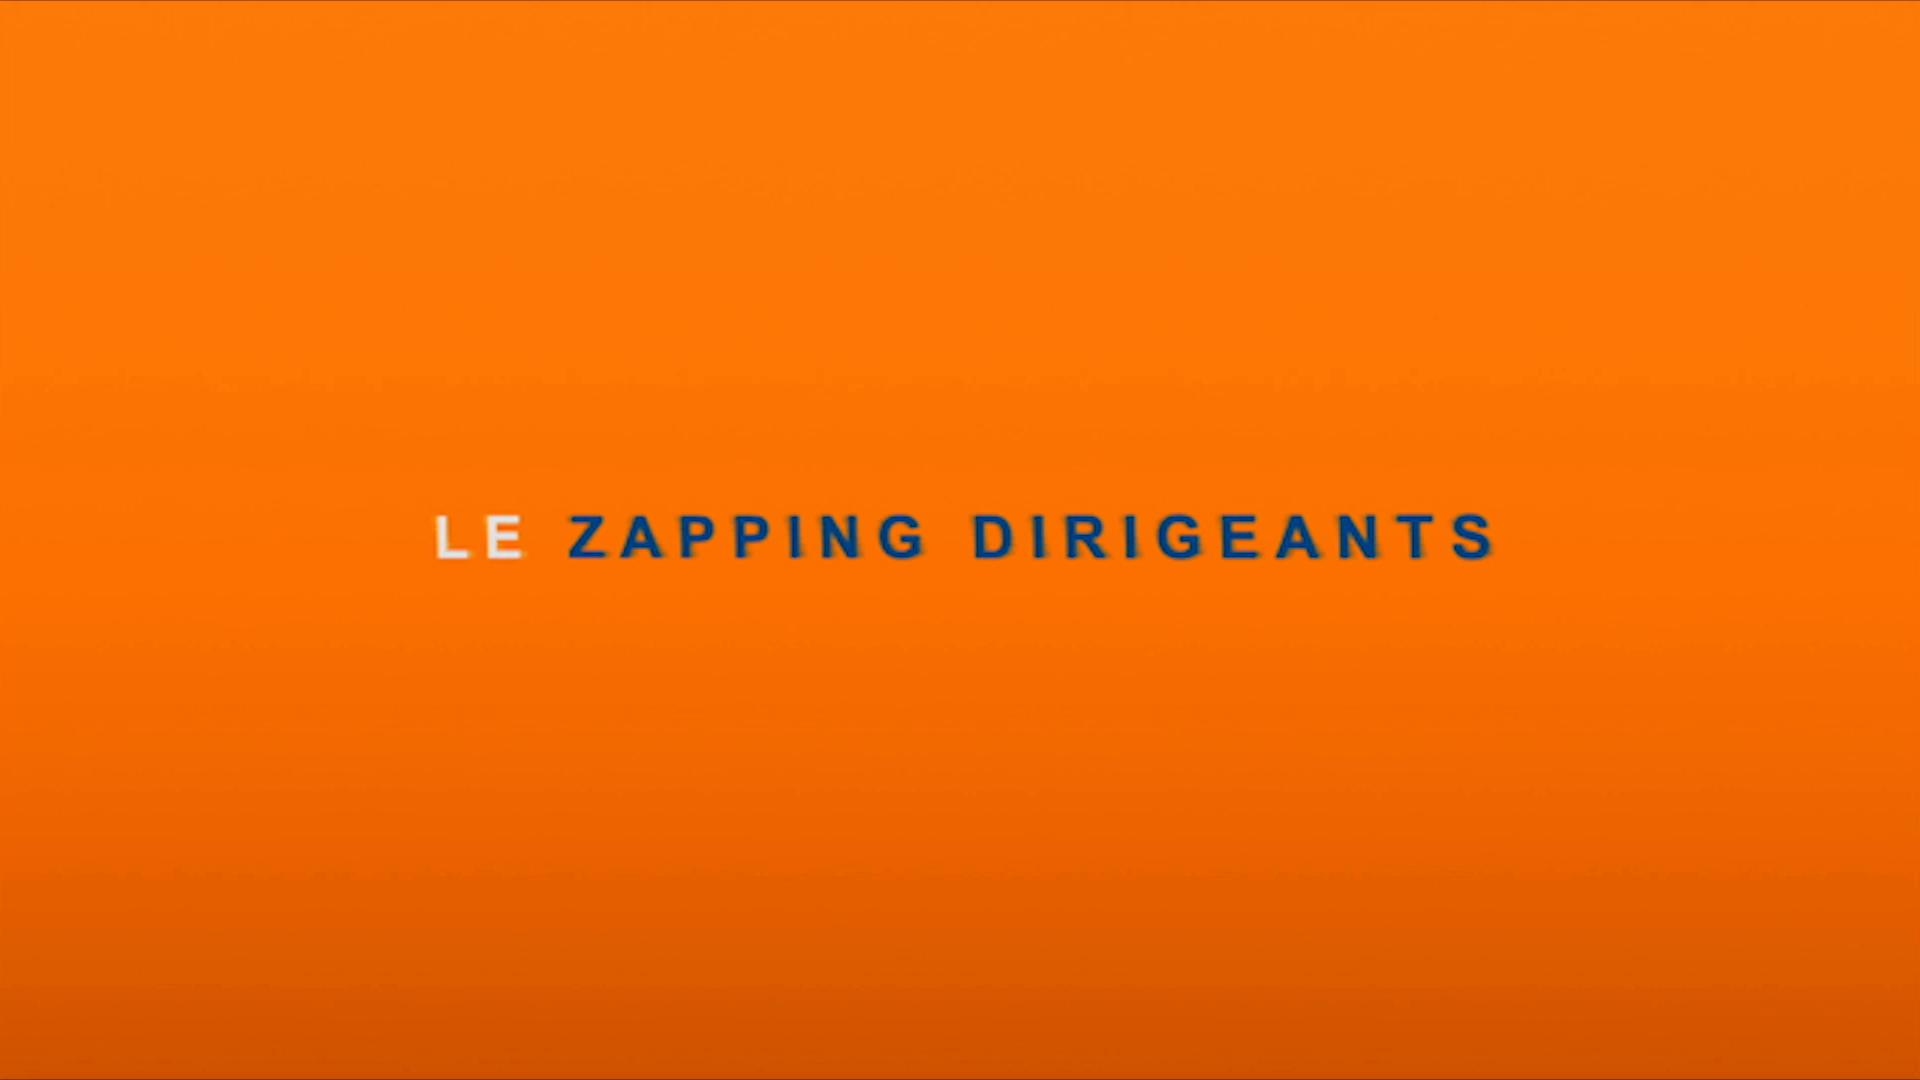 Zapping Dirigeants  Novembre 2014 : Ils ont dit sur la Web Tv : les dirigeants de Methanor, Lectra, StreamWIDE, Voyageurs du Monde